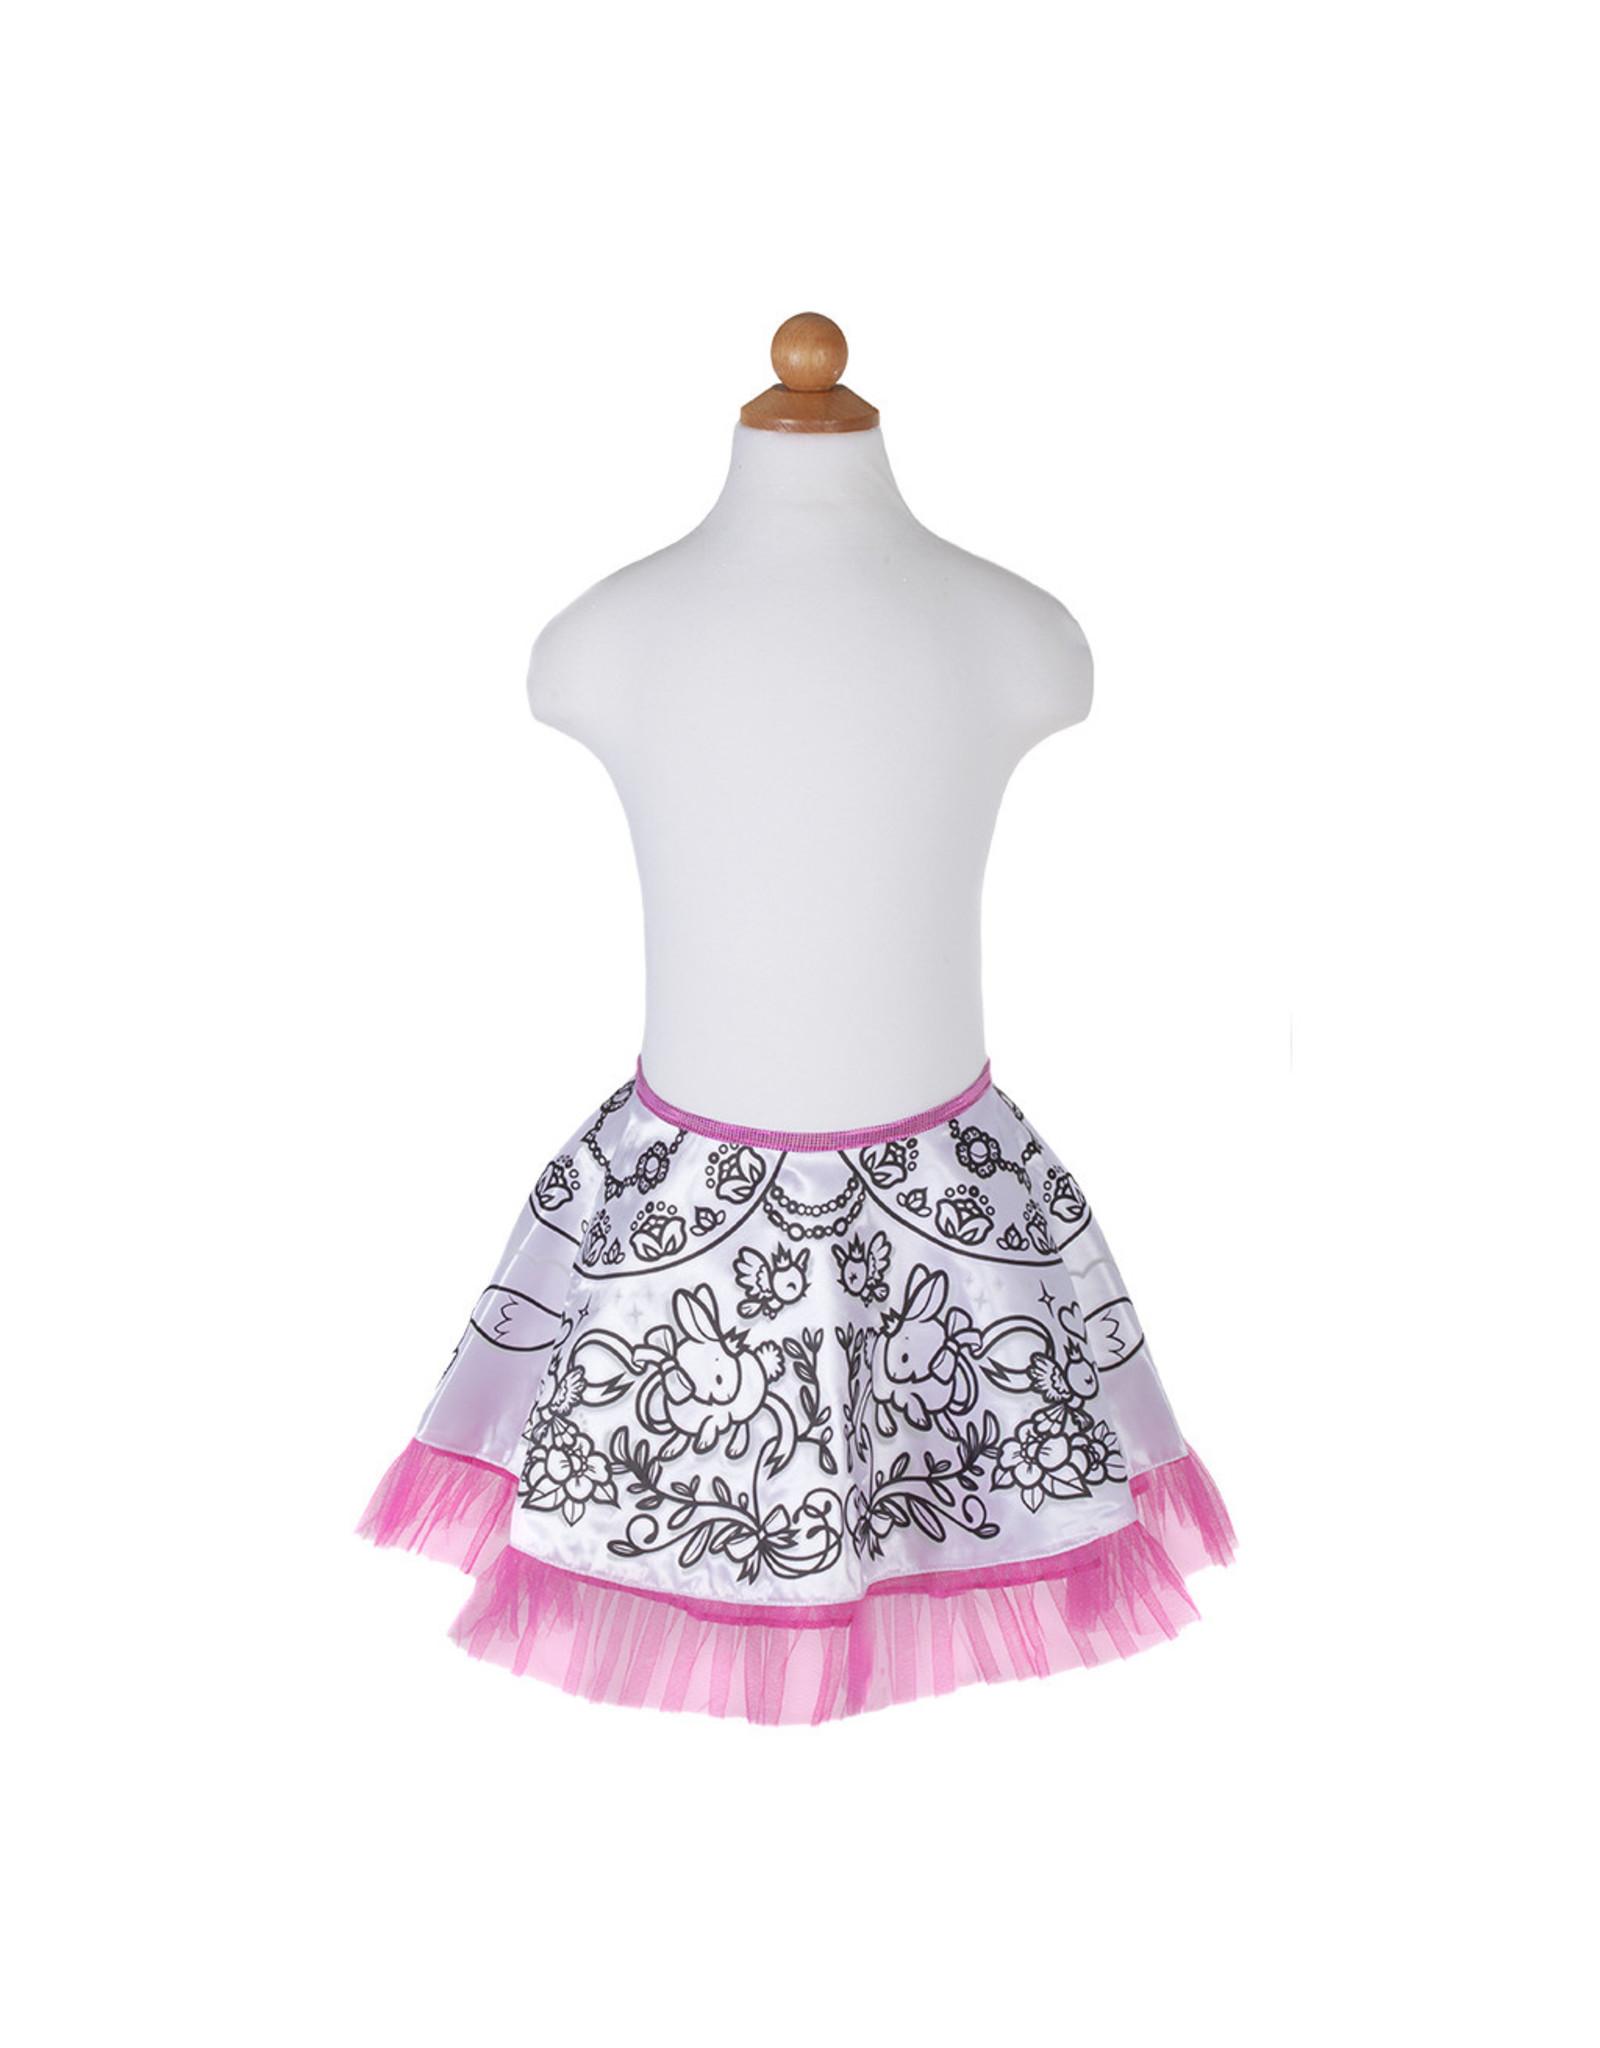 CREATIVE EDUCATION Colour a Skirt